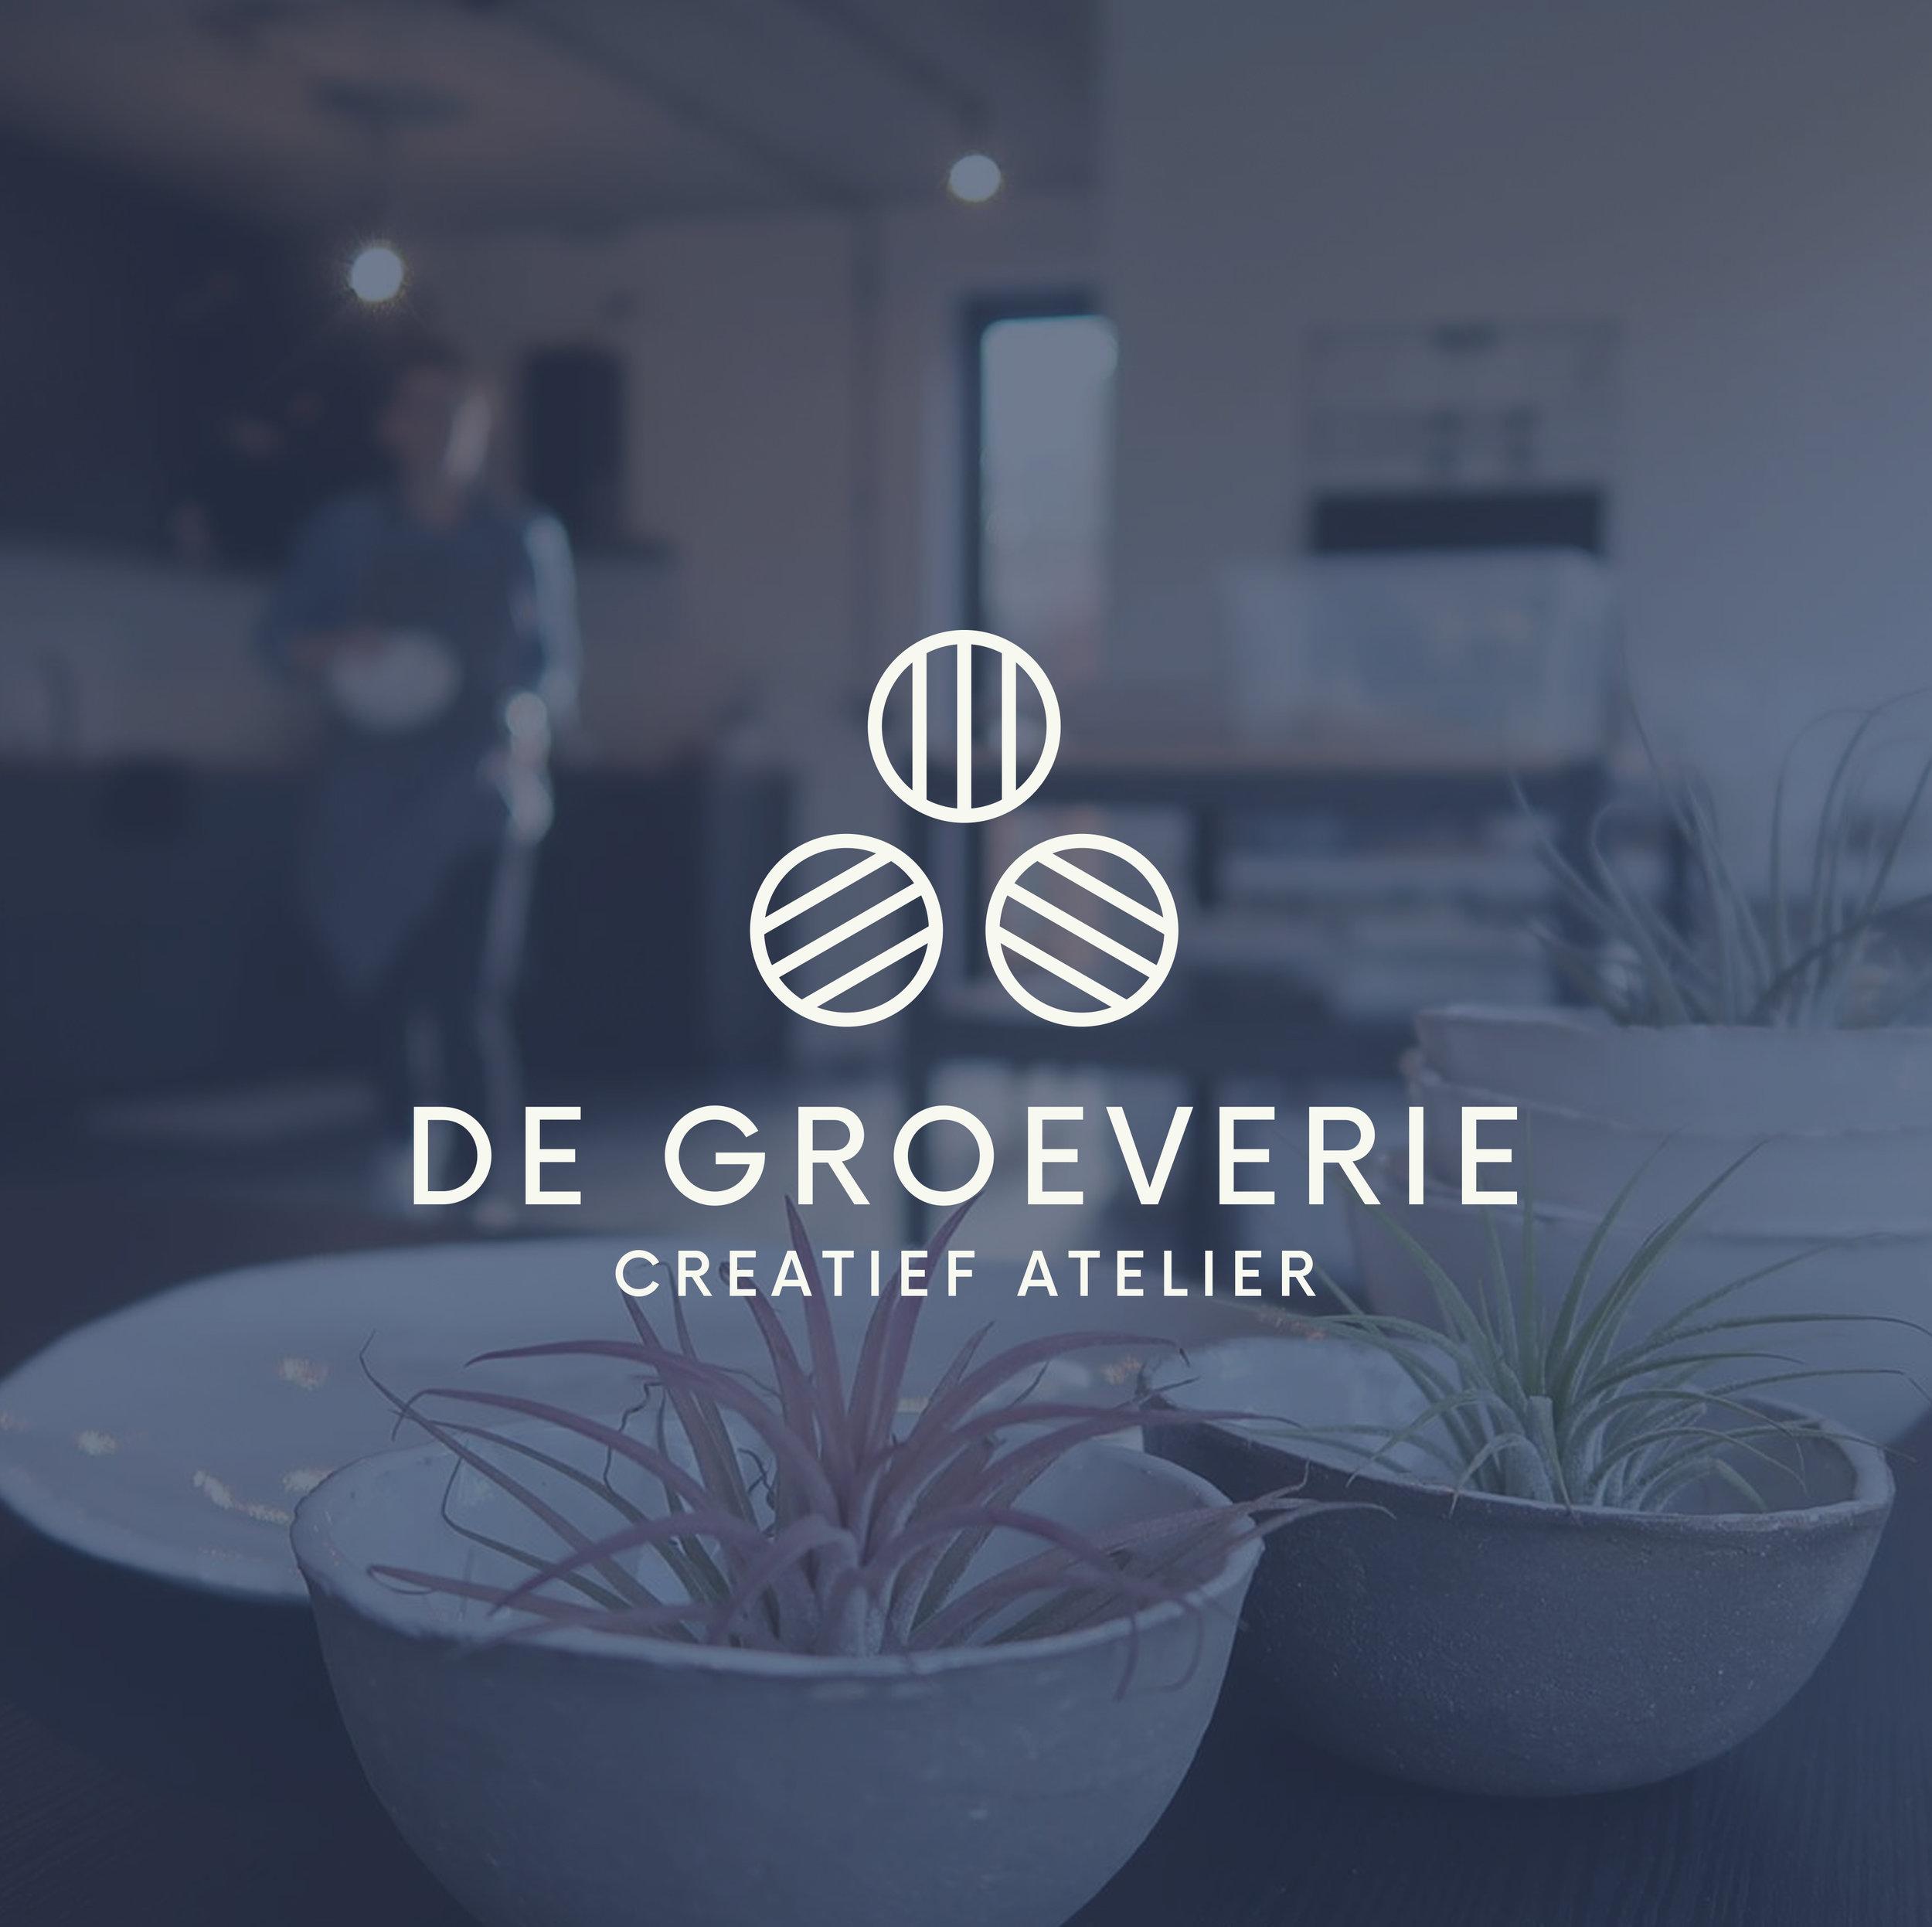 De GROEVERIE - De Groeverie is een creatief atelier waar k(l)ei toffe workshops worden geven.